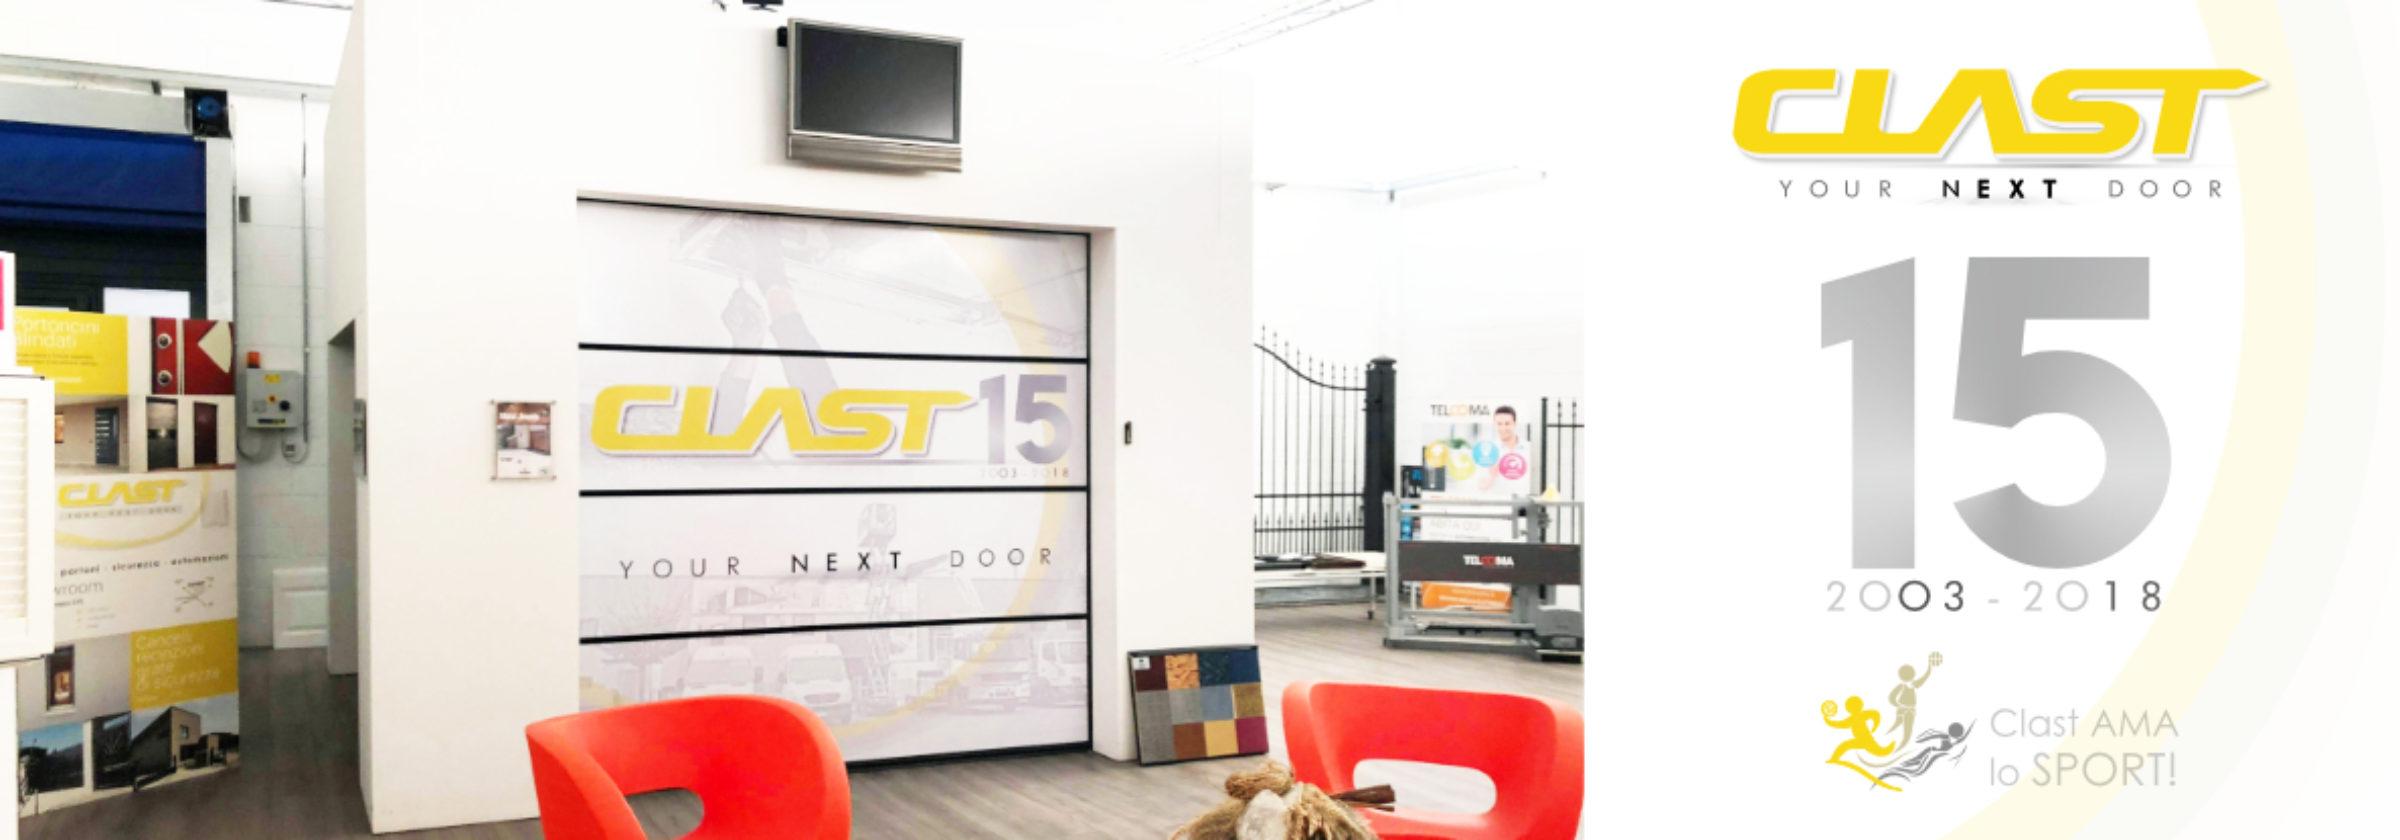 1 2400x840 Clast Srl   Your Next Door | Clast srl: porte, portoni, sicurezza, cancelli, automazioni. Via Soncino 5, Trescore Cremasco